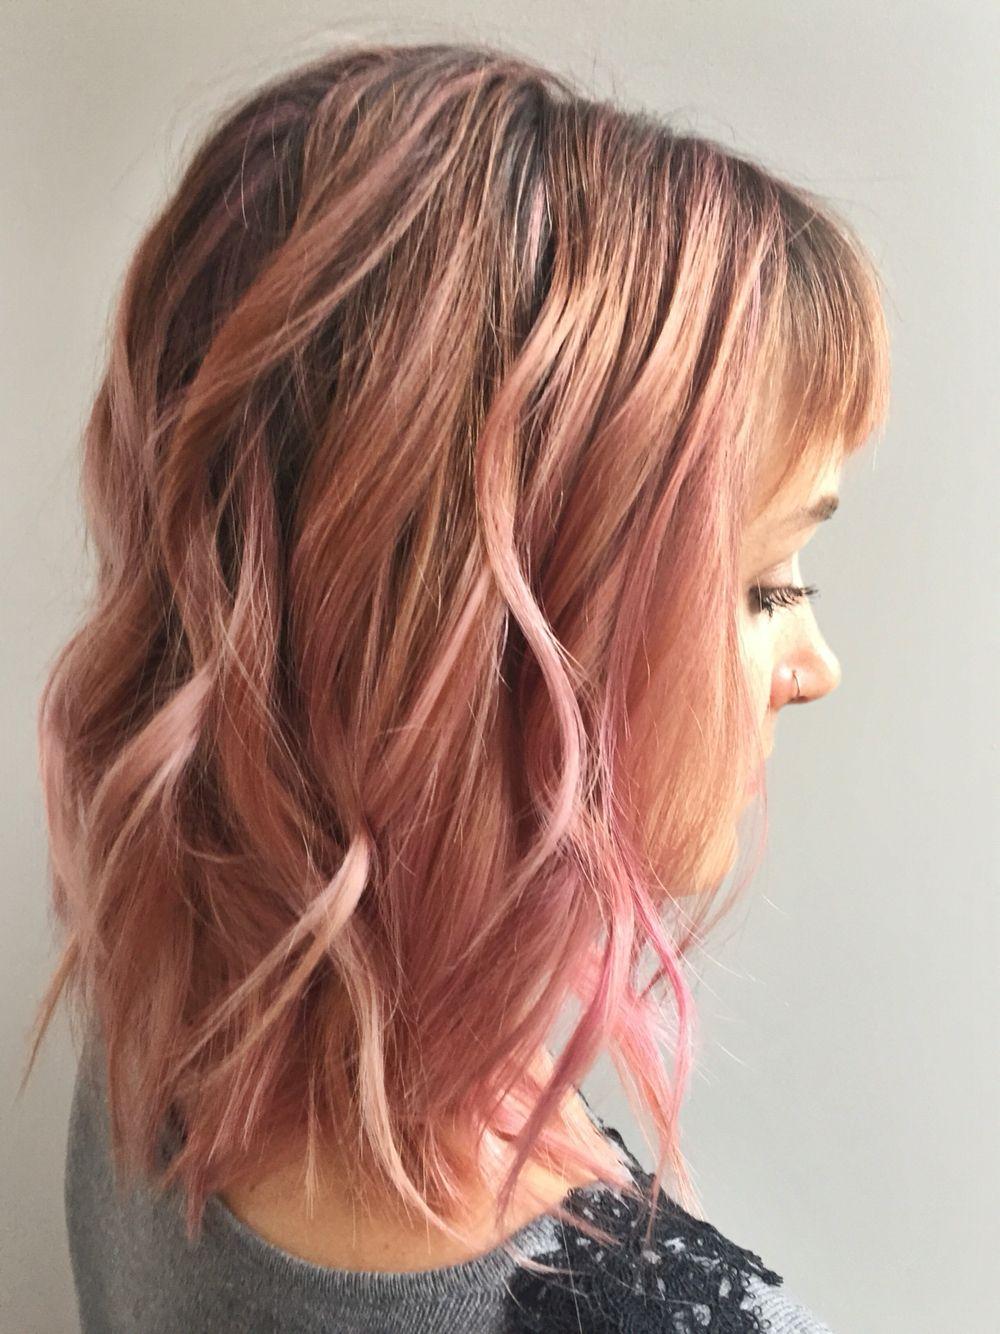 Pink Hair Rose Gold Hair Peach Hair Fun Hair Colors Medium Length Hair Pink And Blonde Hair Pastel P Peach Hair Cool Hair Color Medium Length Hair Styles